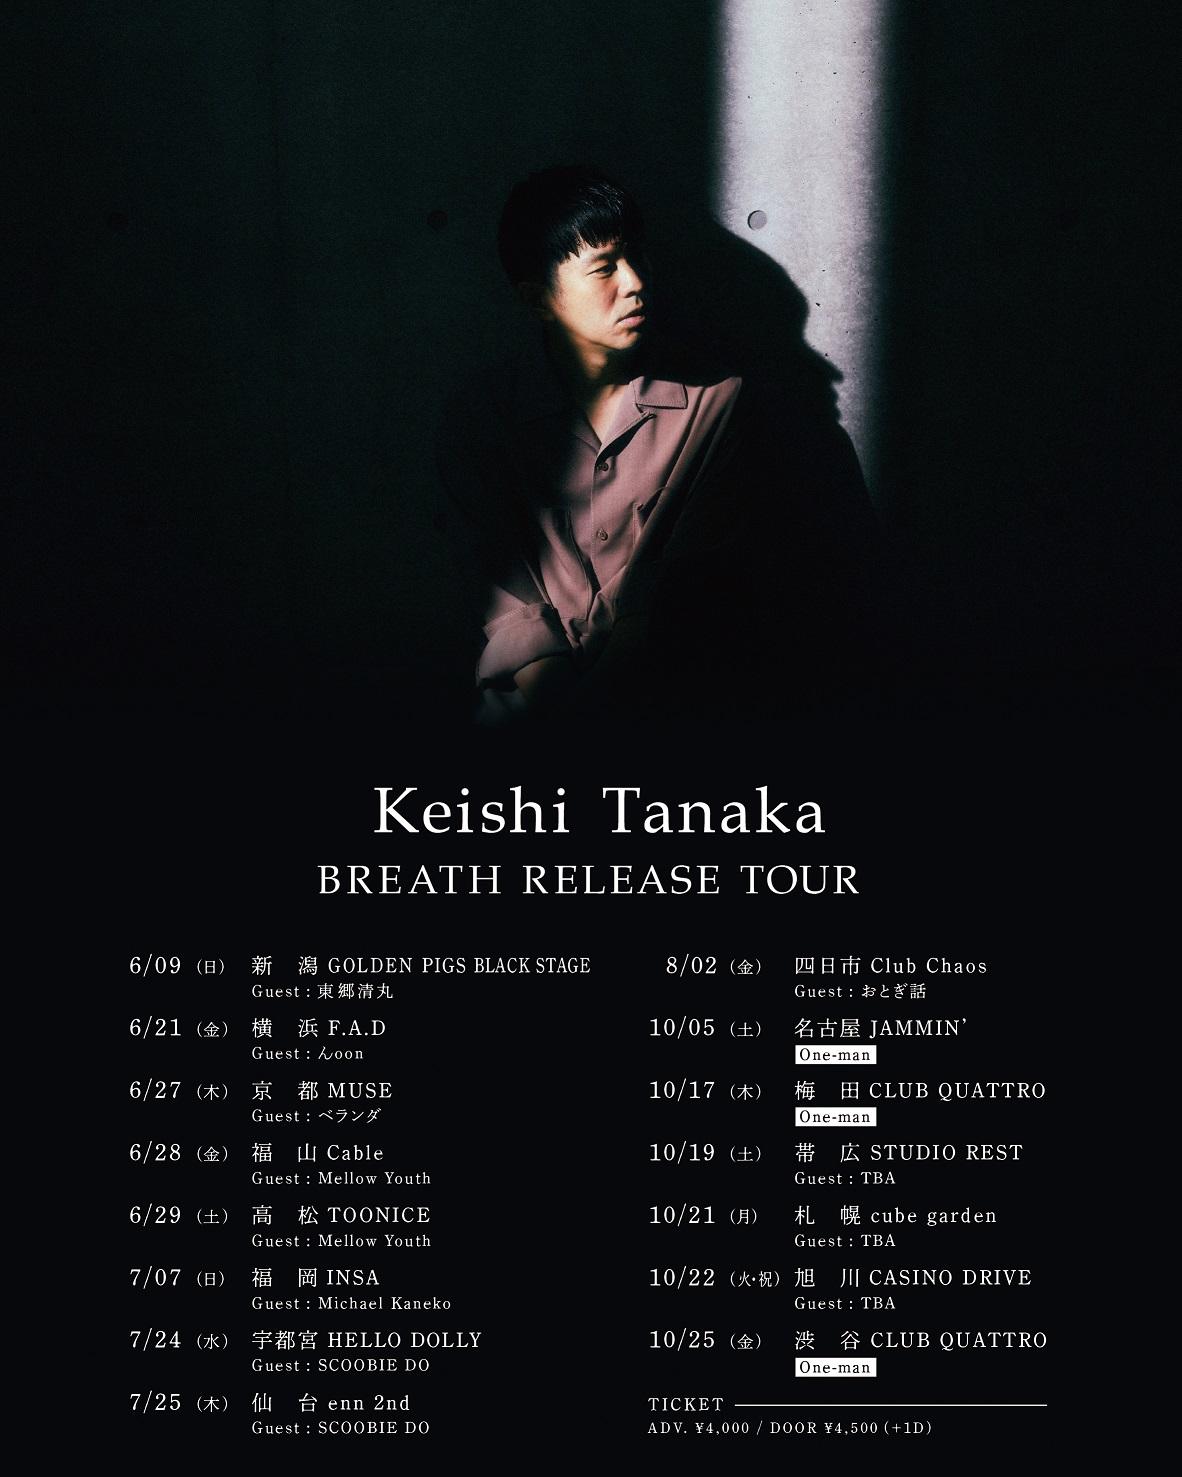 『BREATH RELEASE TOUR』